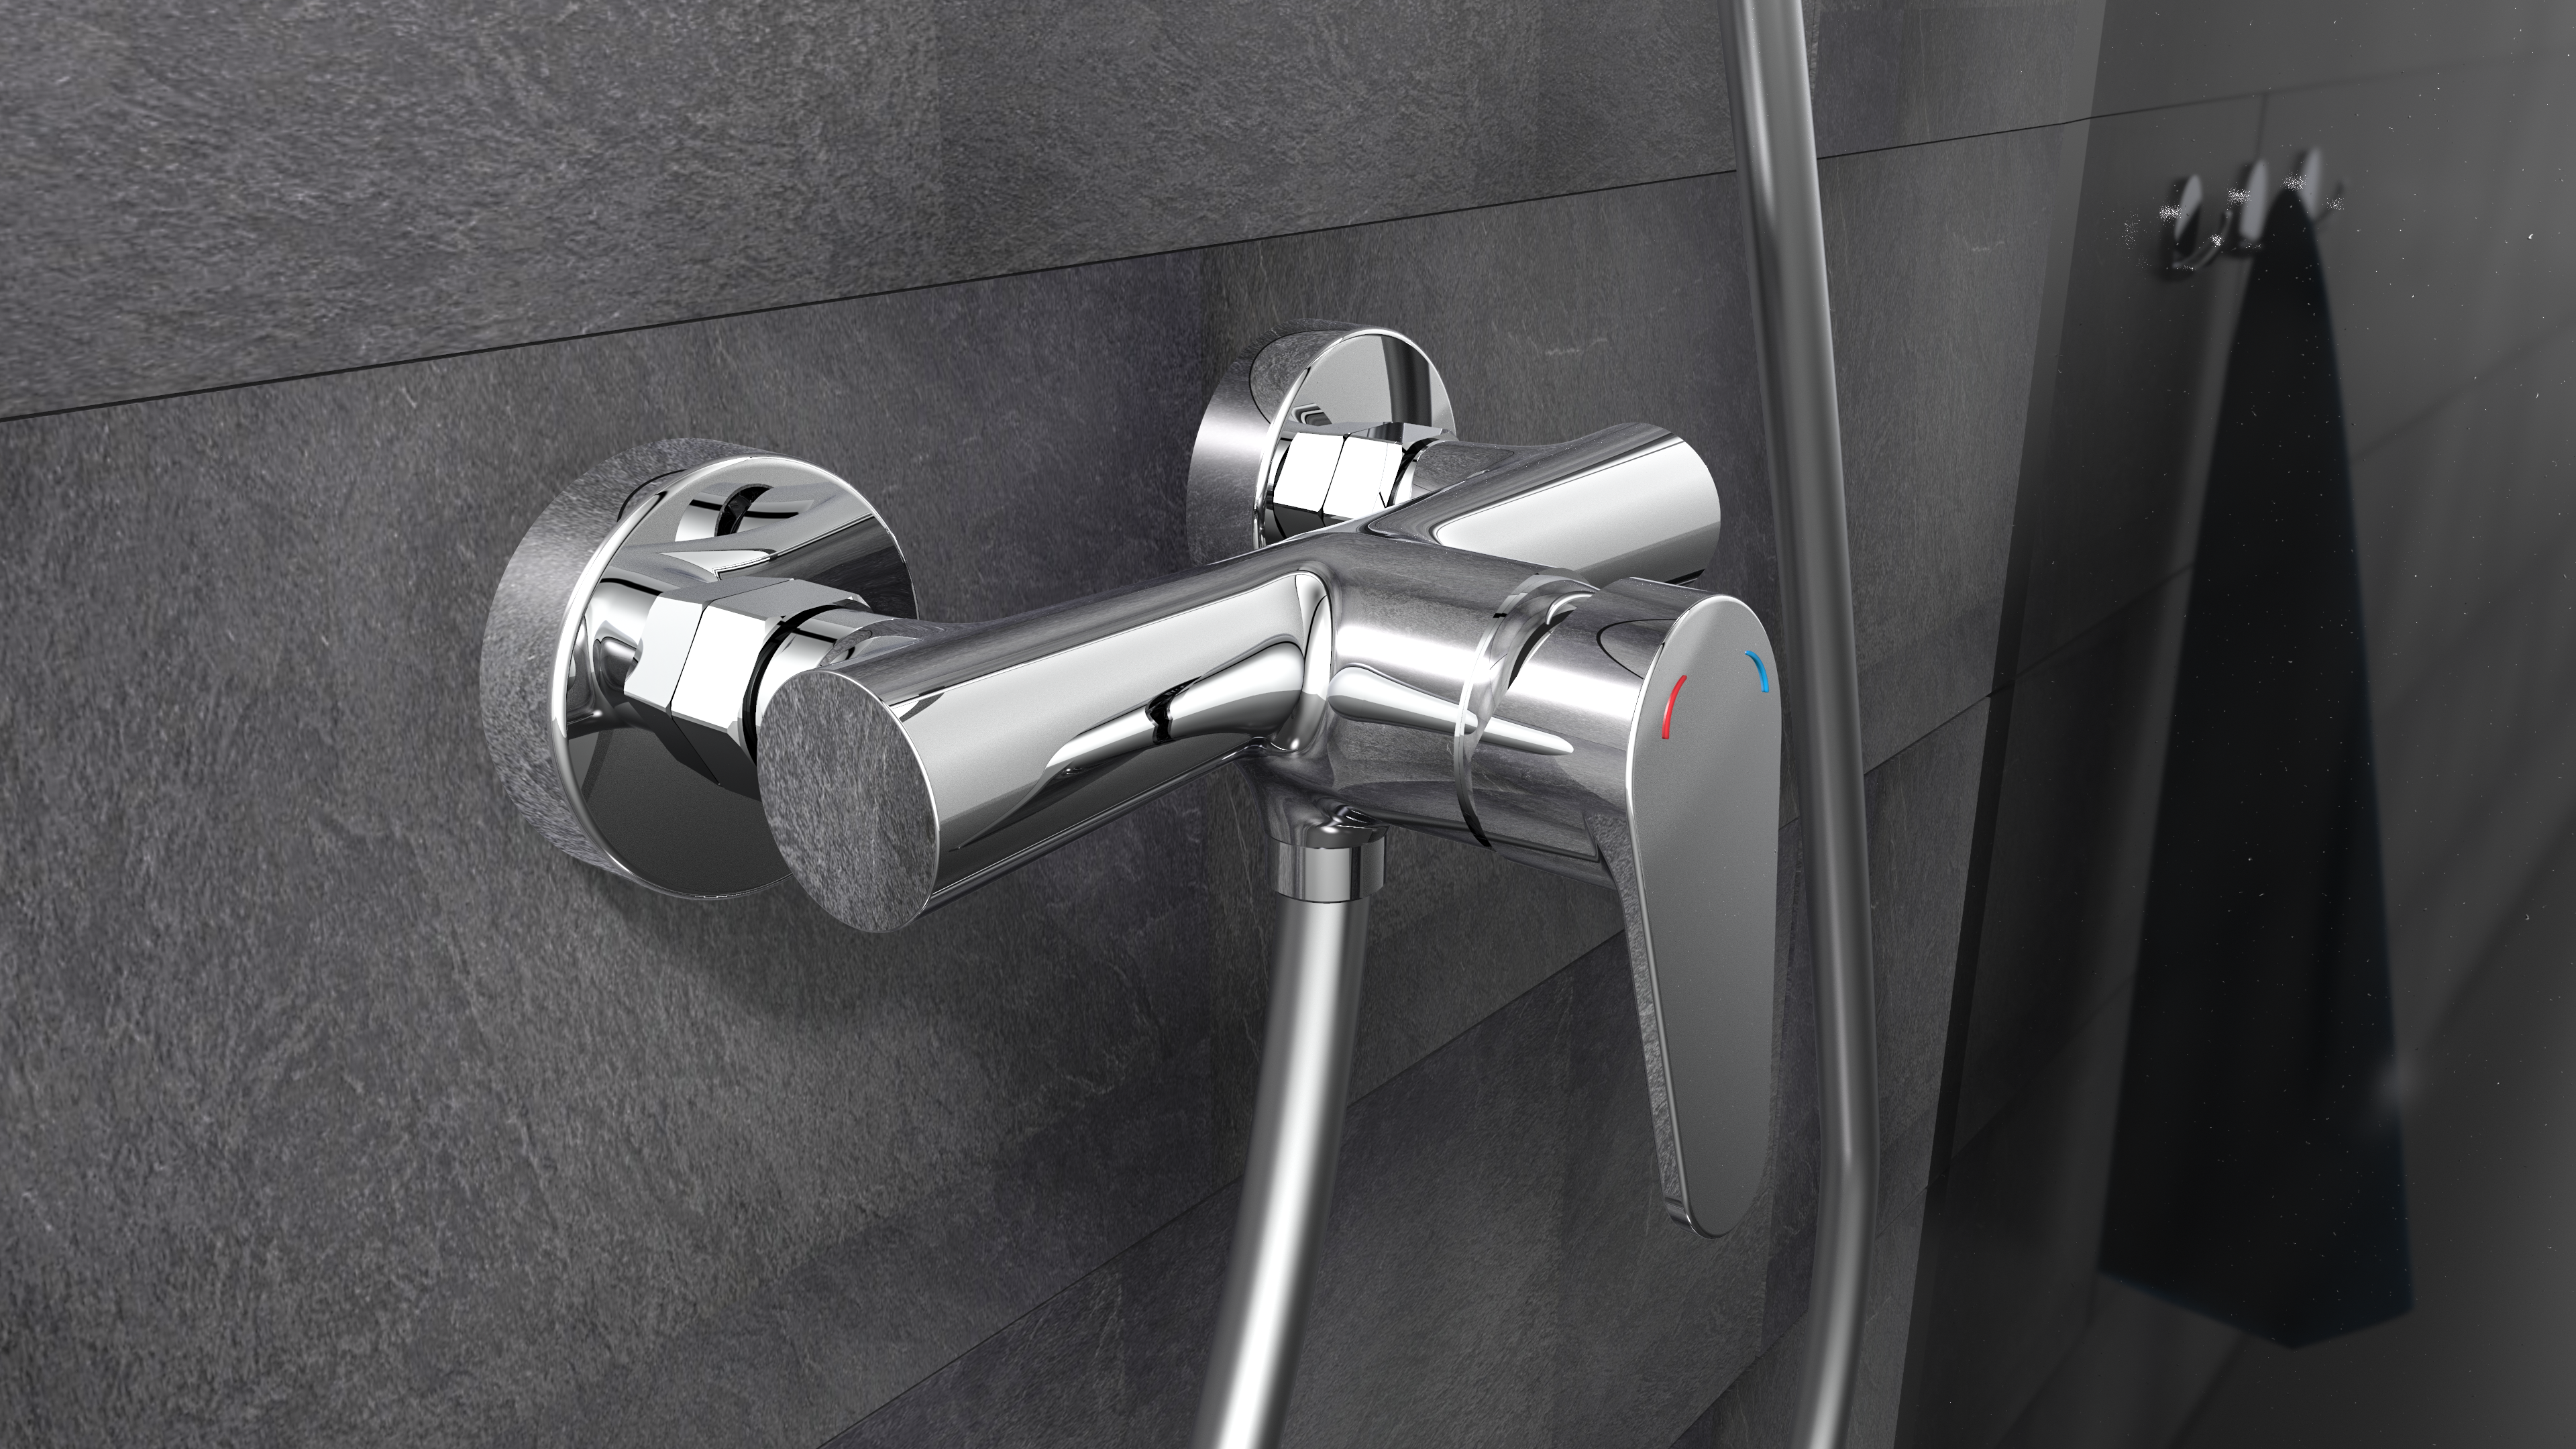 Duscharmatur Pico Duschwasserhahn Wasserhahn Mischbatterie Chrom In 2020 Duscharmatur Dusche Mischbatterien